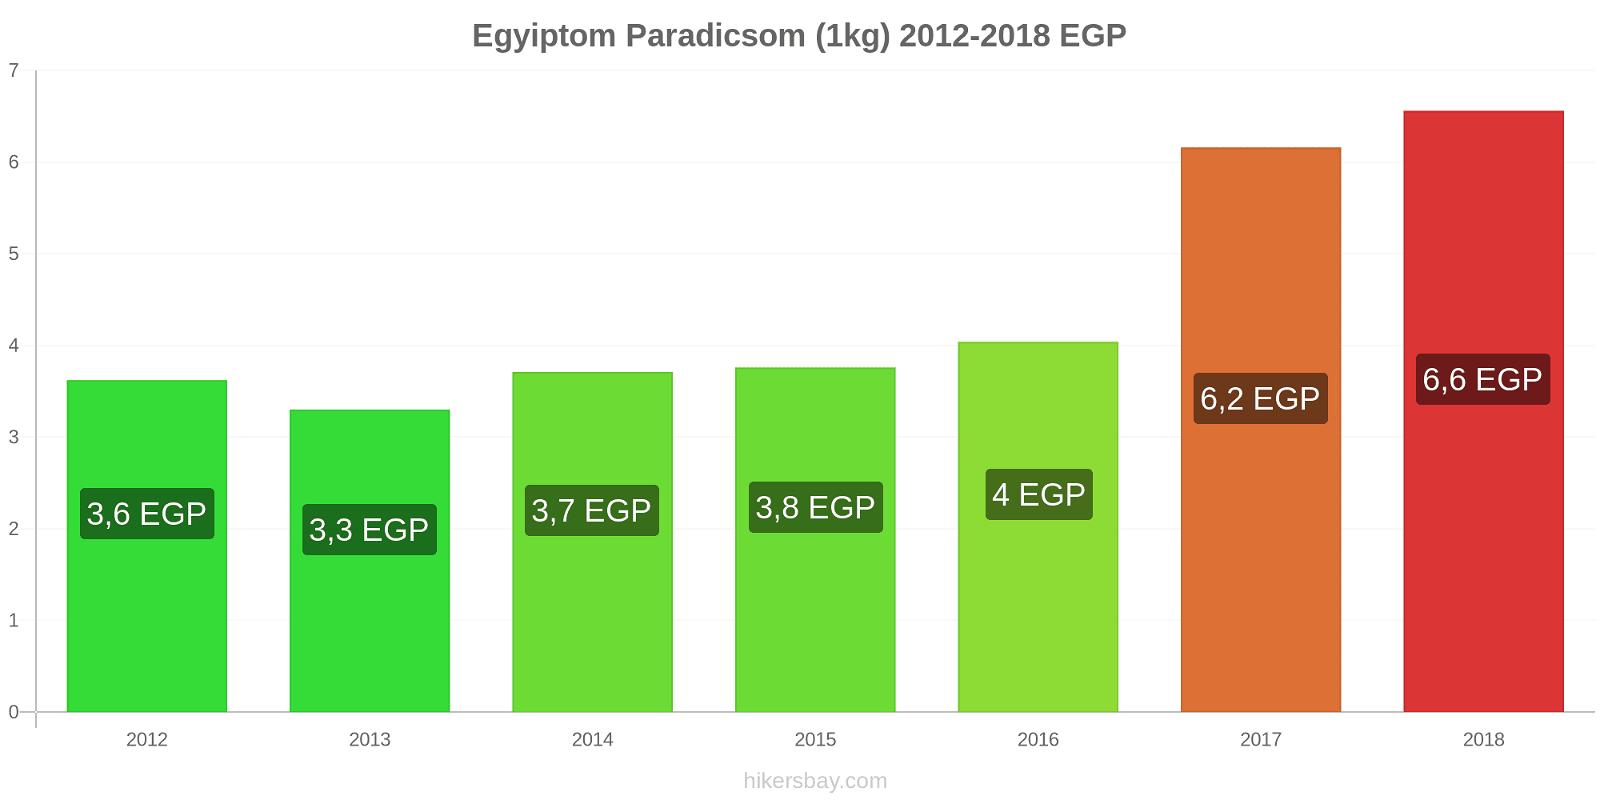 Egyiptom árváltozások Paradicsom (1kg) hikersbay.com